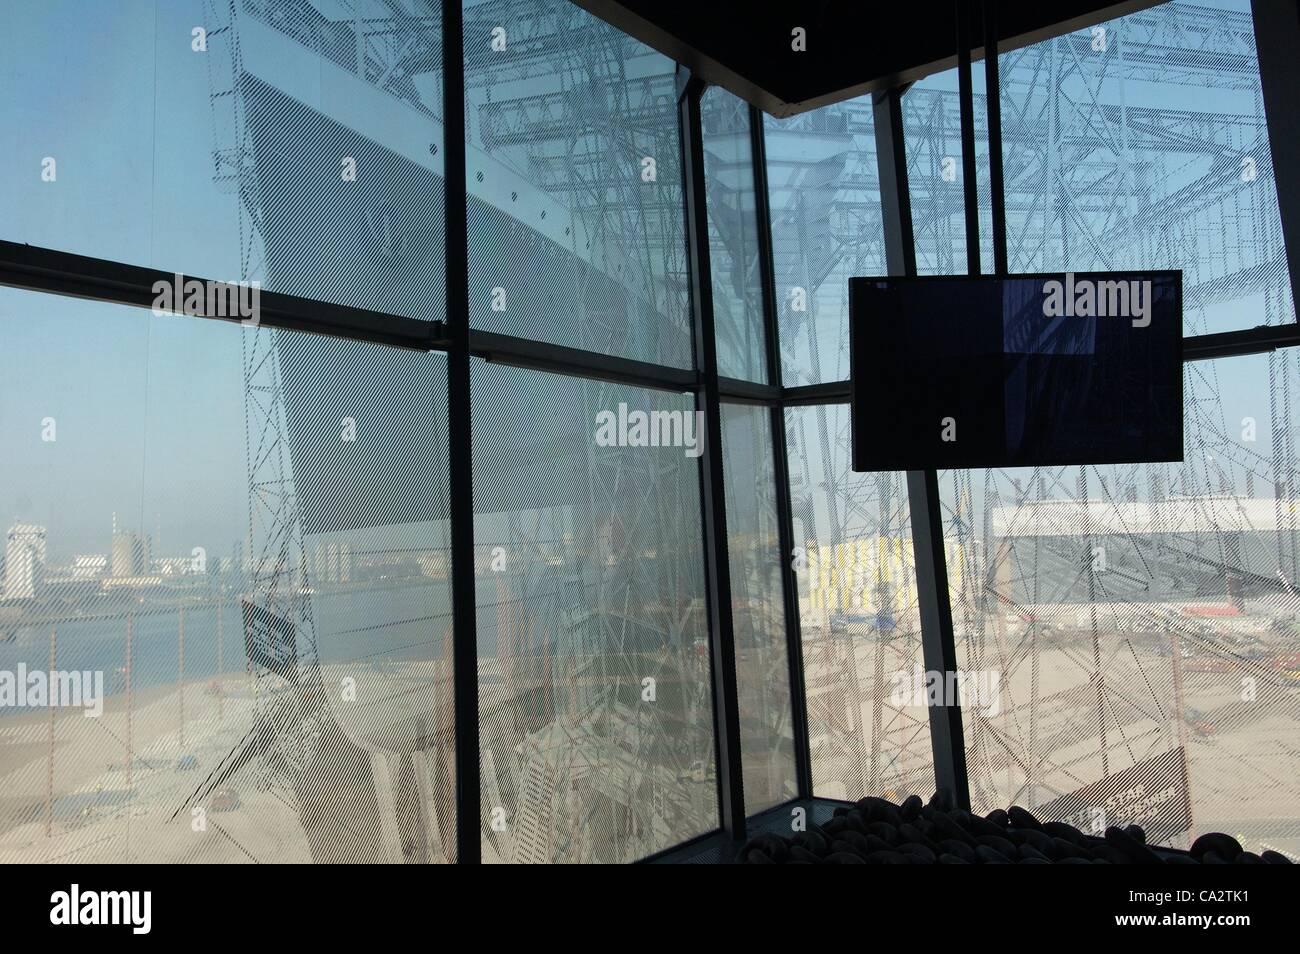 Ein Display zeigt die R.M.S. Titanic, wie es ausgesehen hätte, gebaut auf der ursprünglichen Werft in Stockbild